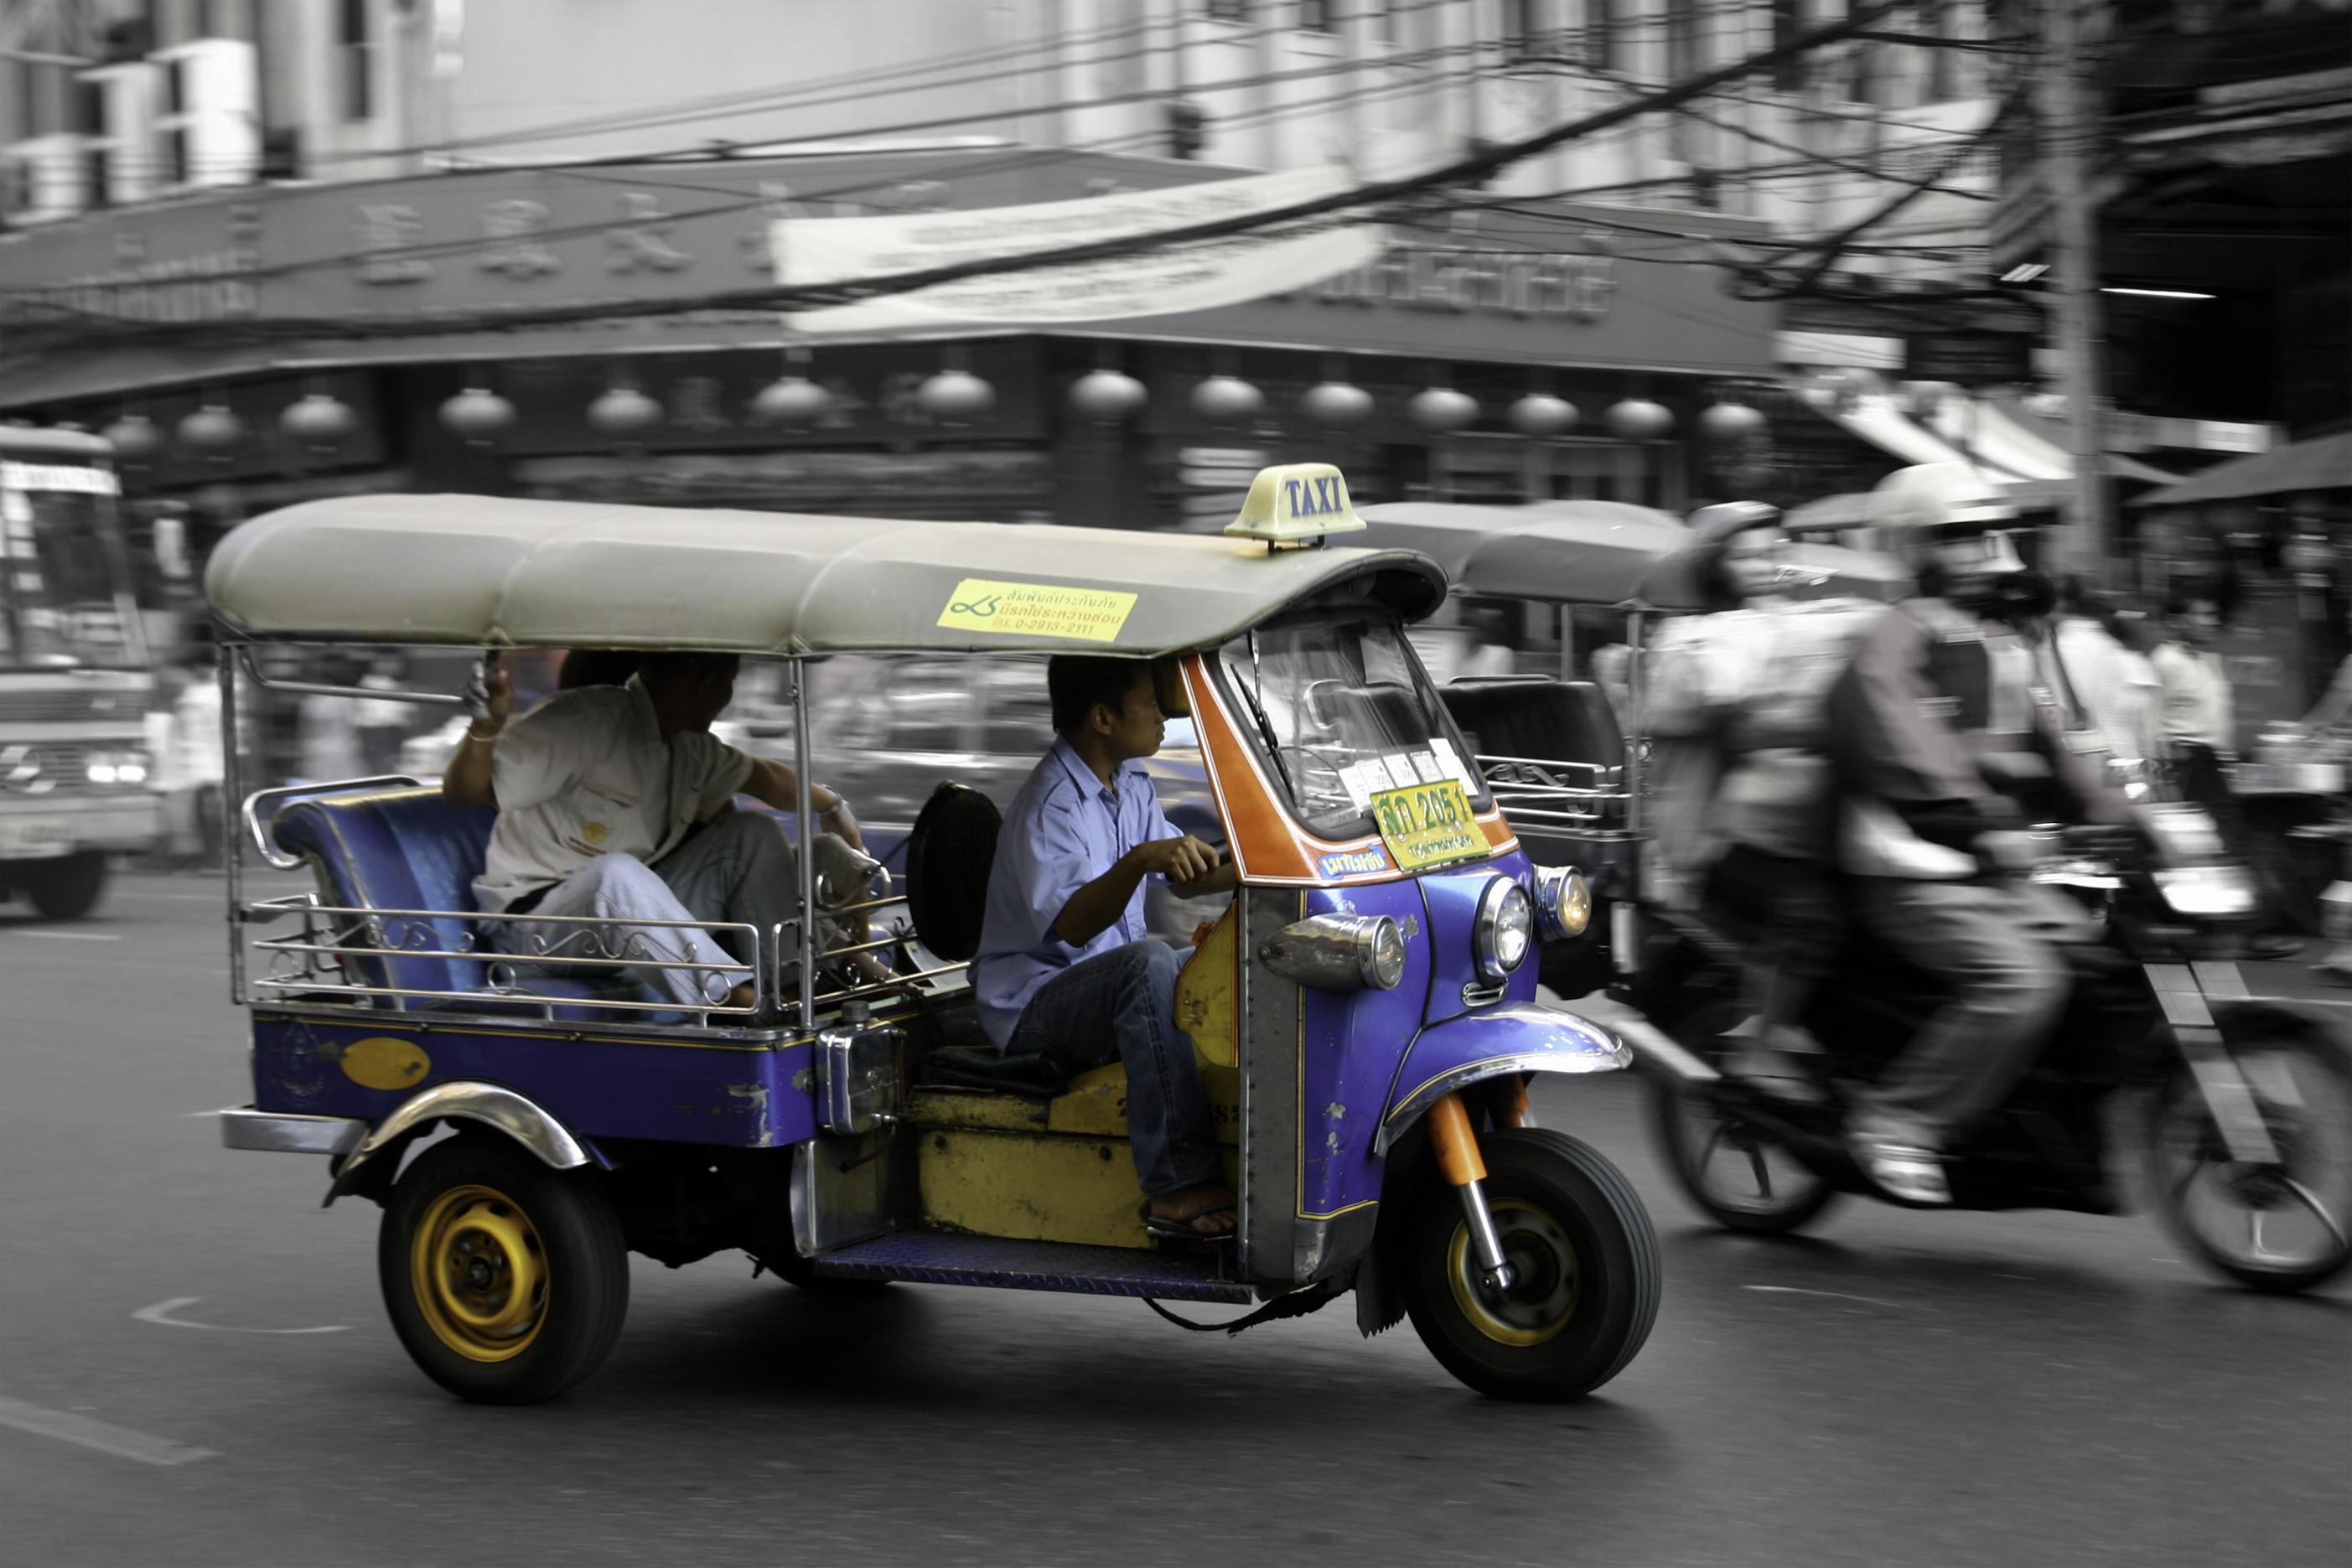 transports in bangkok by photographer c cile lopes hejorama. Black Bedroom Furniture Sets. Home Design Ideas